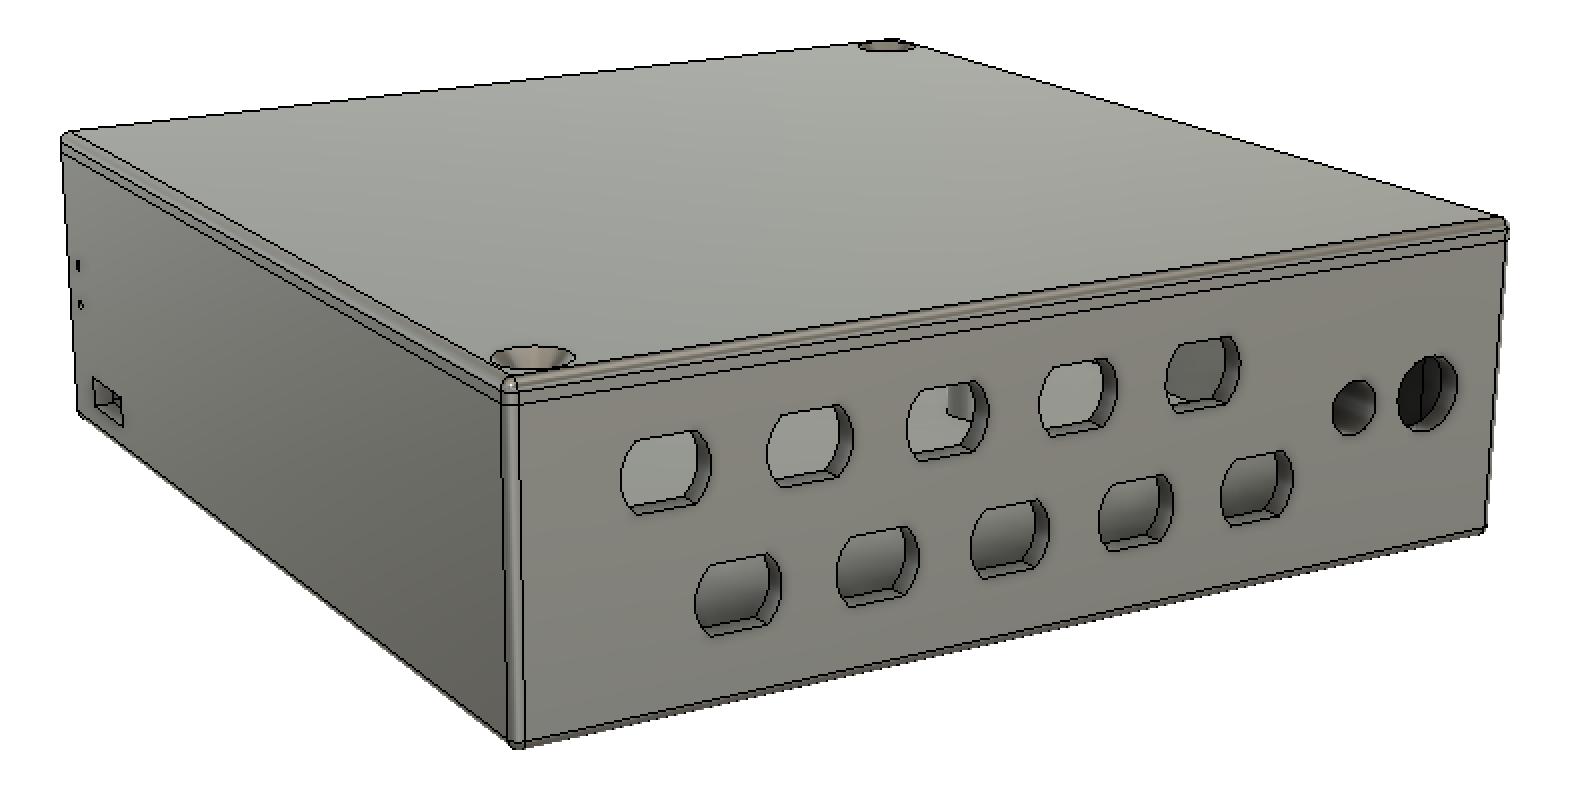 Hardware | Robert Oostenveld's blog